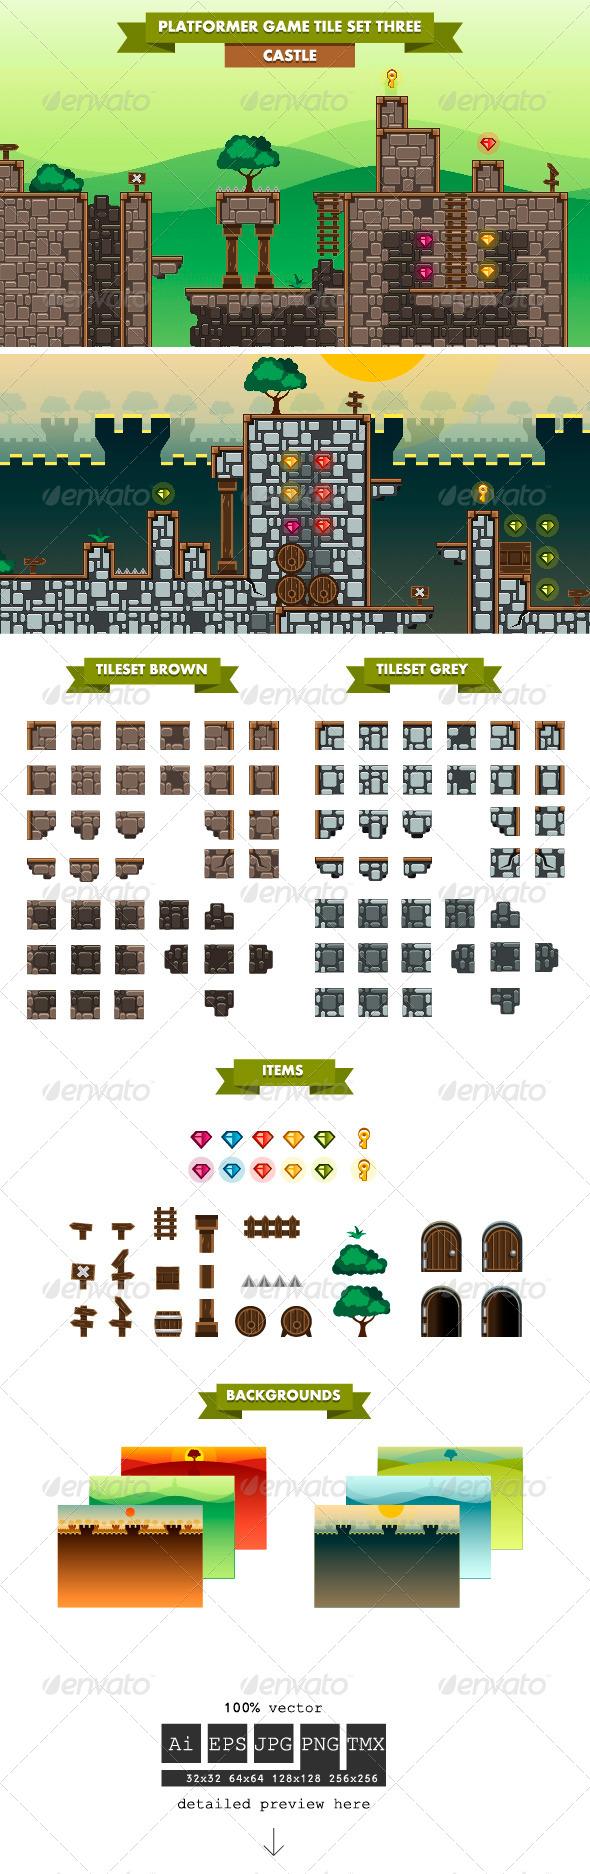 Platformer Game Tile Set Three - Tilesets Game Assets